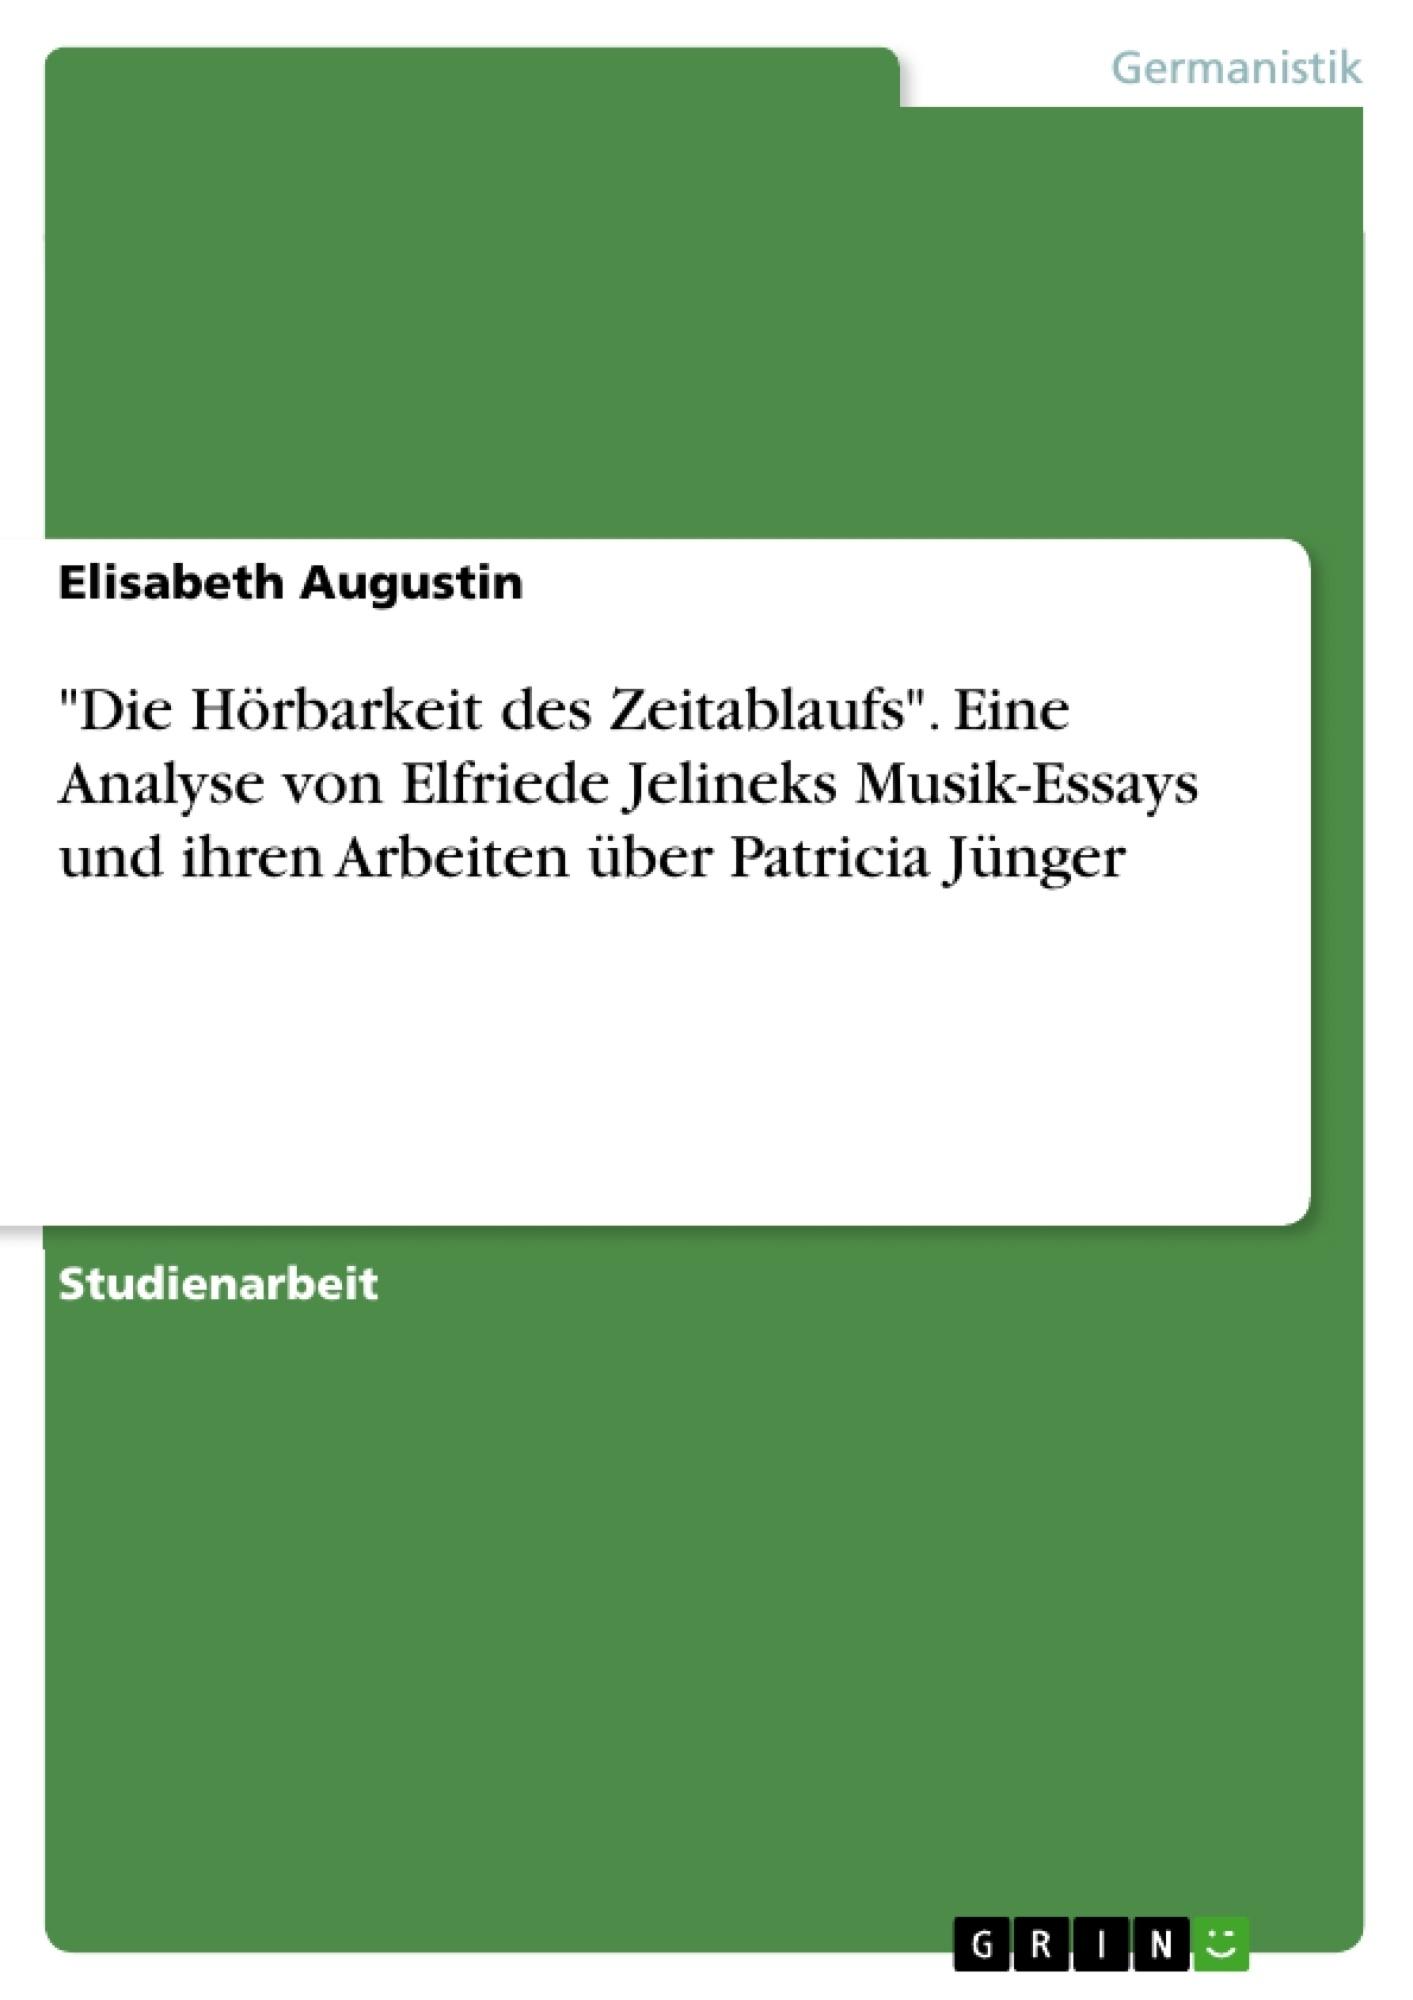 """Titel: """"Die Hörbarkeit des Zeitablaufs"""". Eine Analyse von Elfriede Jelineks Musik-Essays und ihren Arbeiten über Patricia Jünger"""